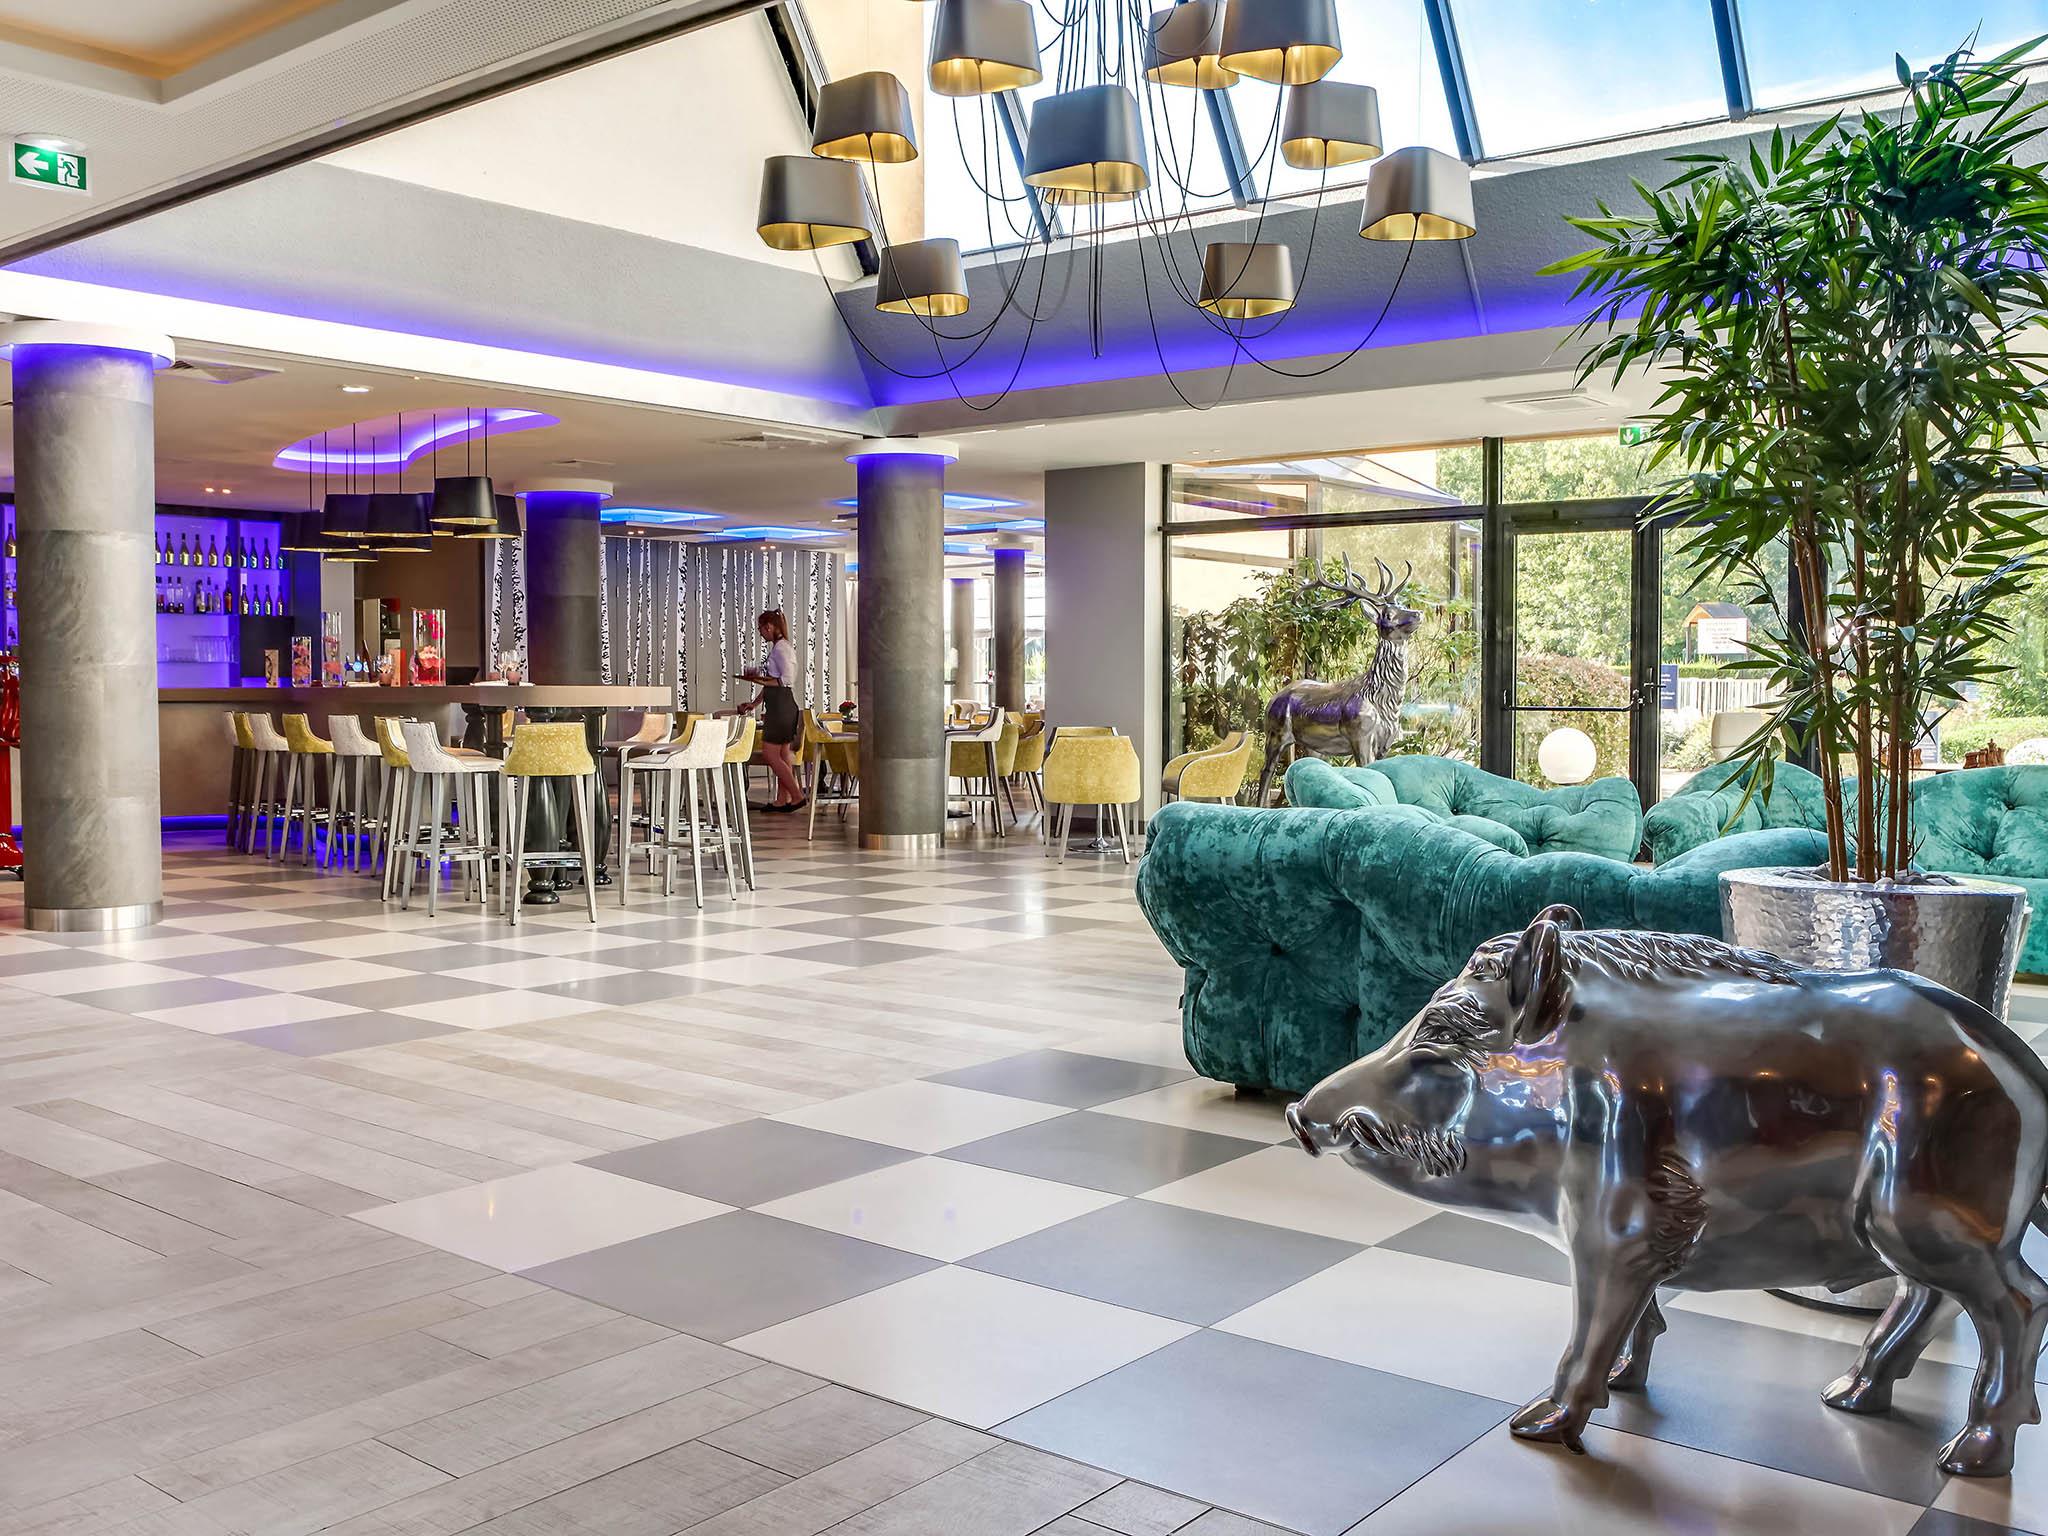 Hotel - Novotel Orléans St Jean de Braye